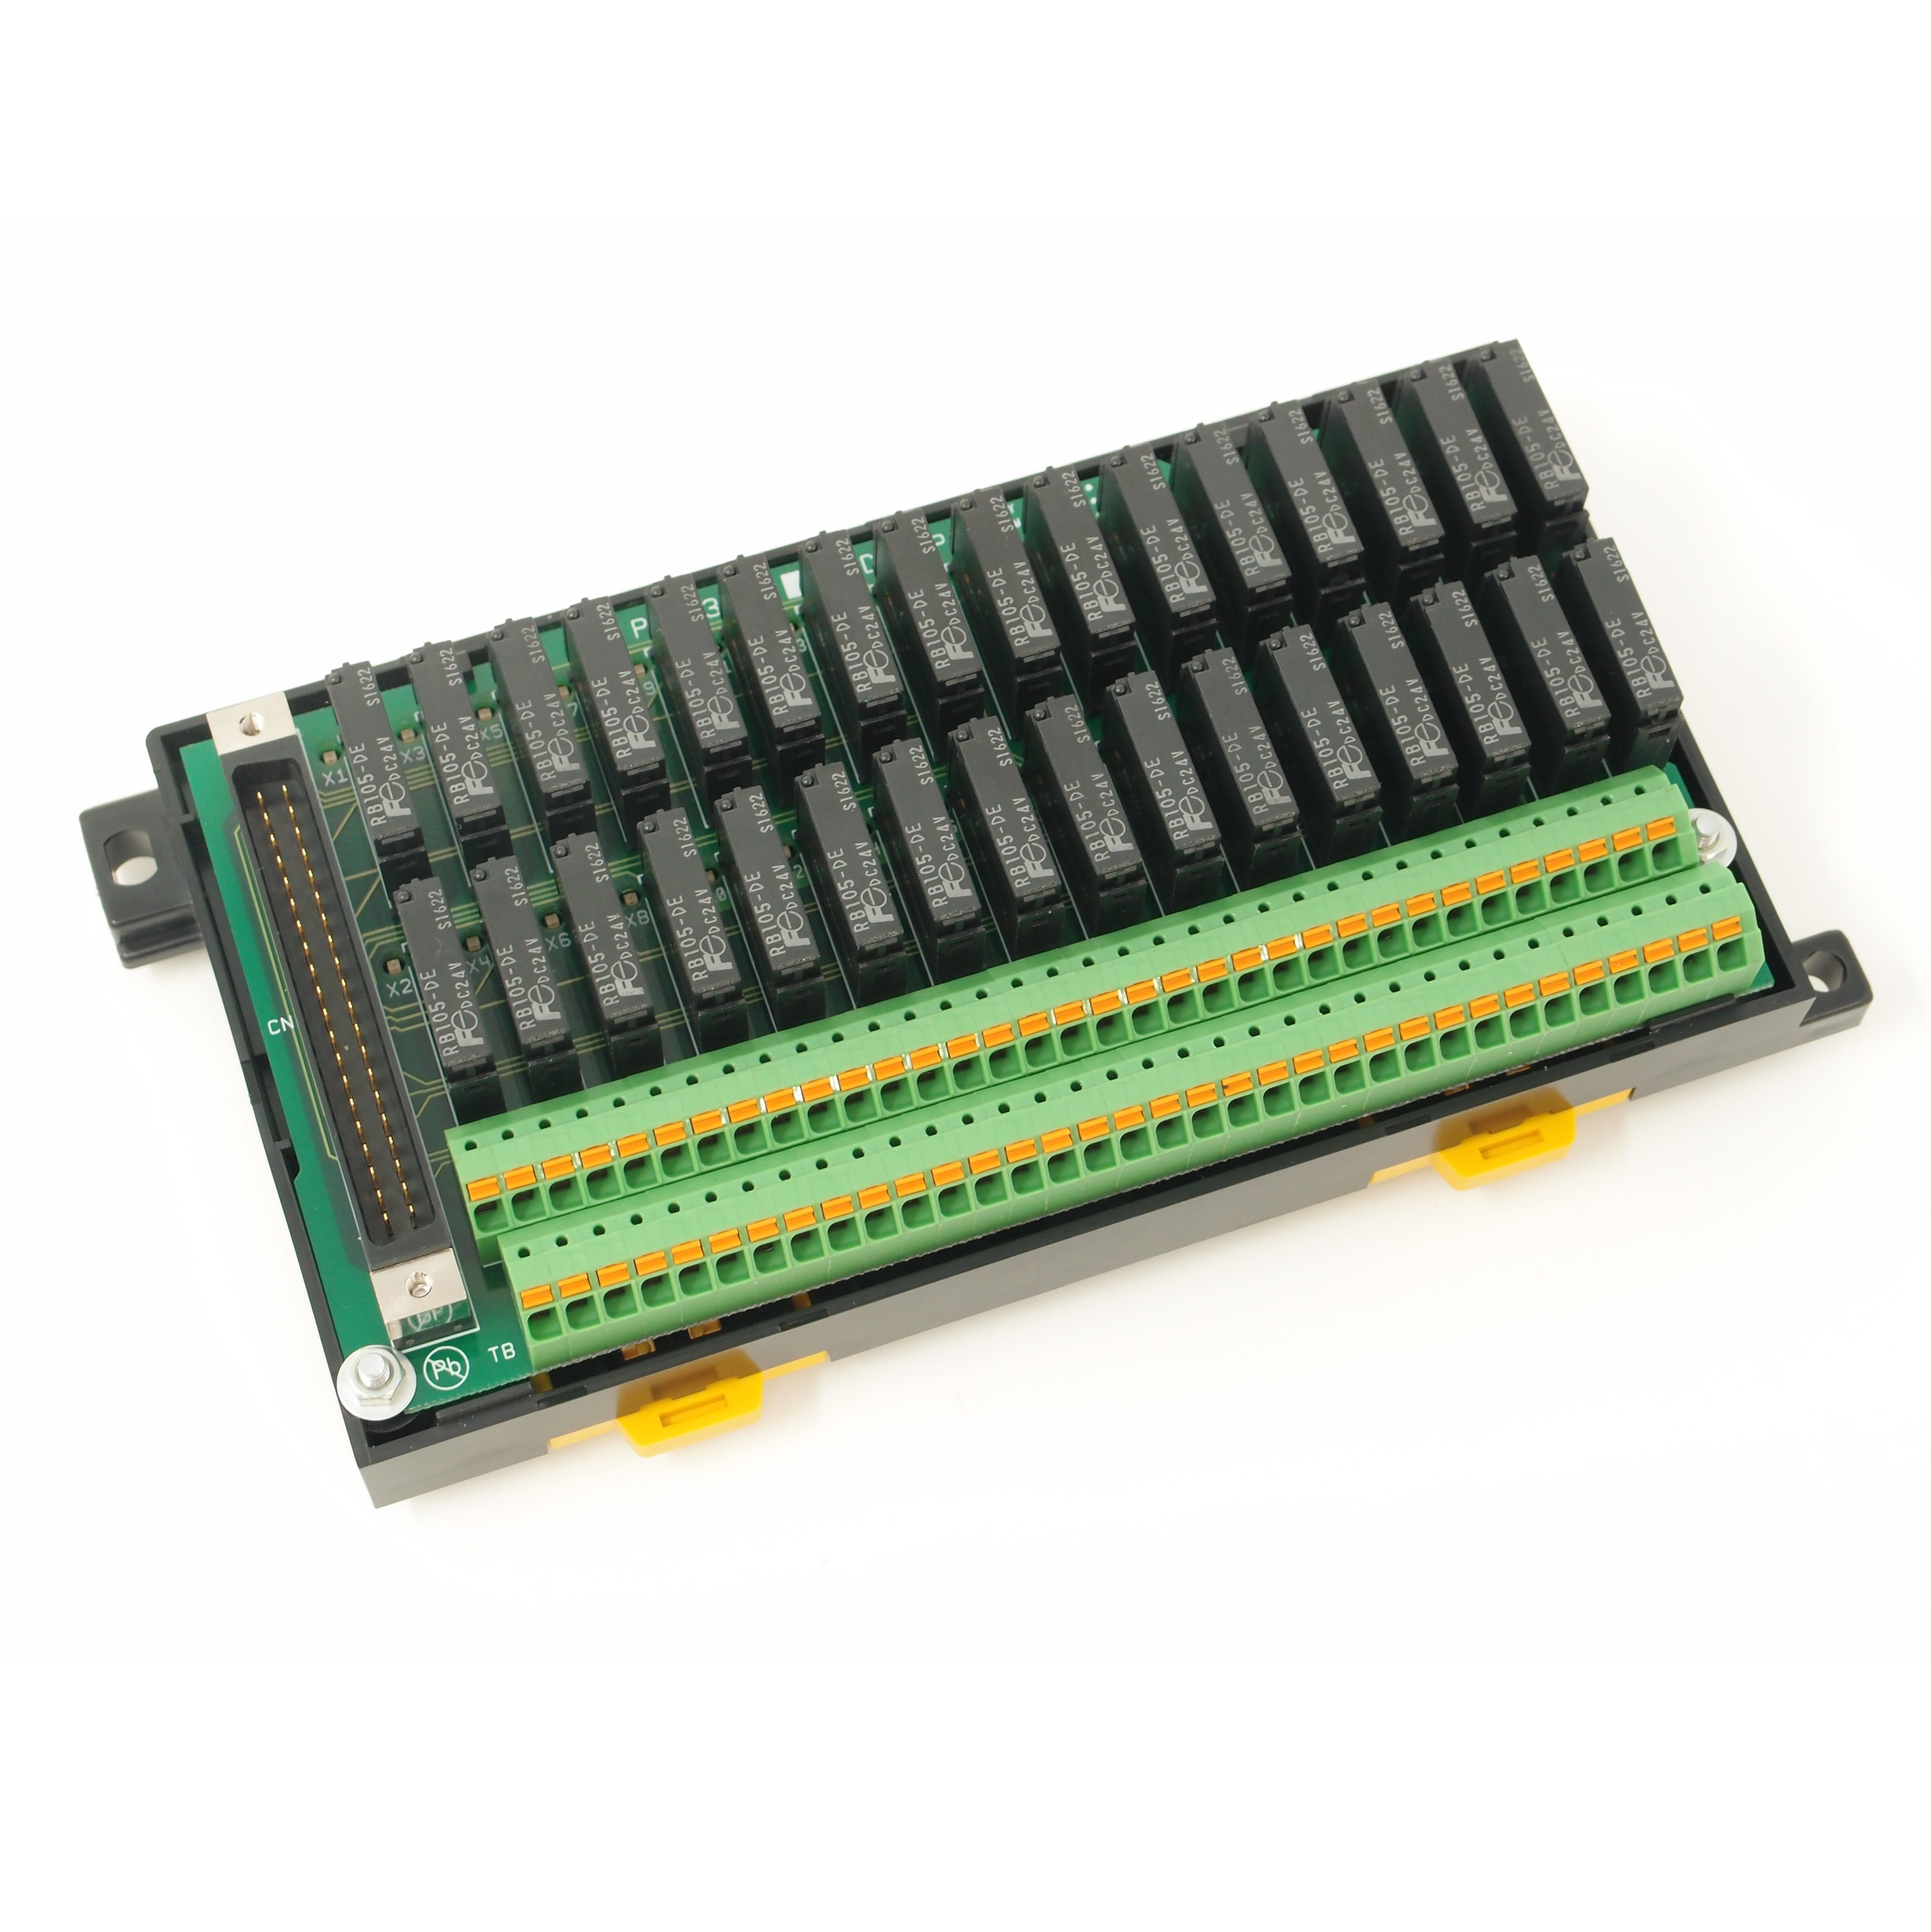 プッシュイン端子台搭載リレーターミナル PIFRシリーズのイメージ画像